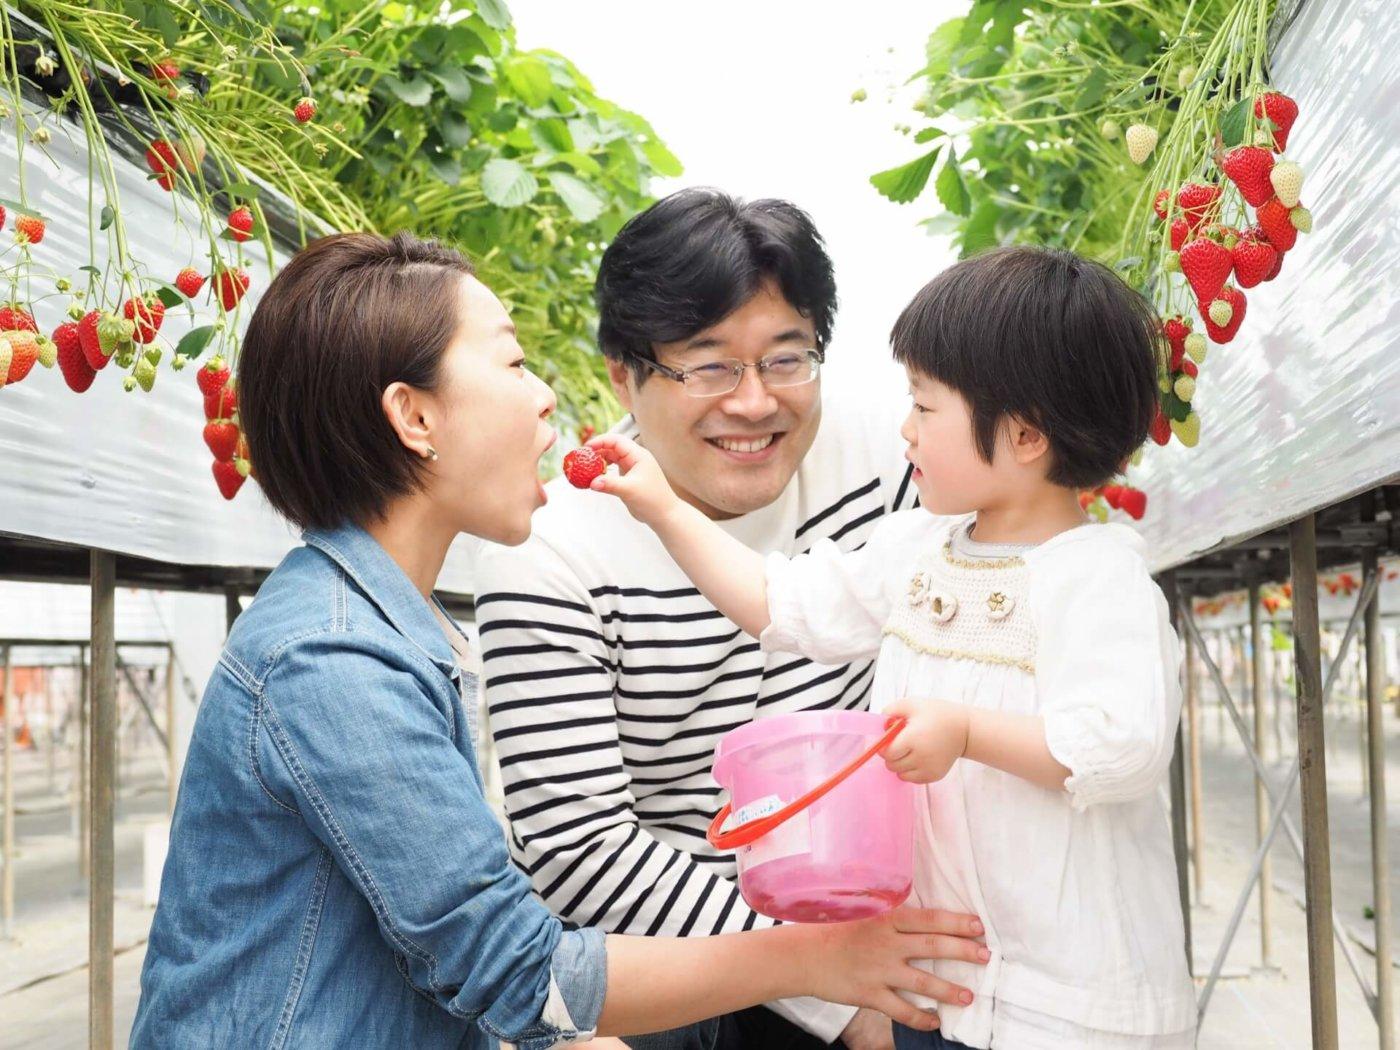 イチゴ狩りができる沖縄のおすすめスポット4選